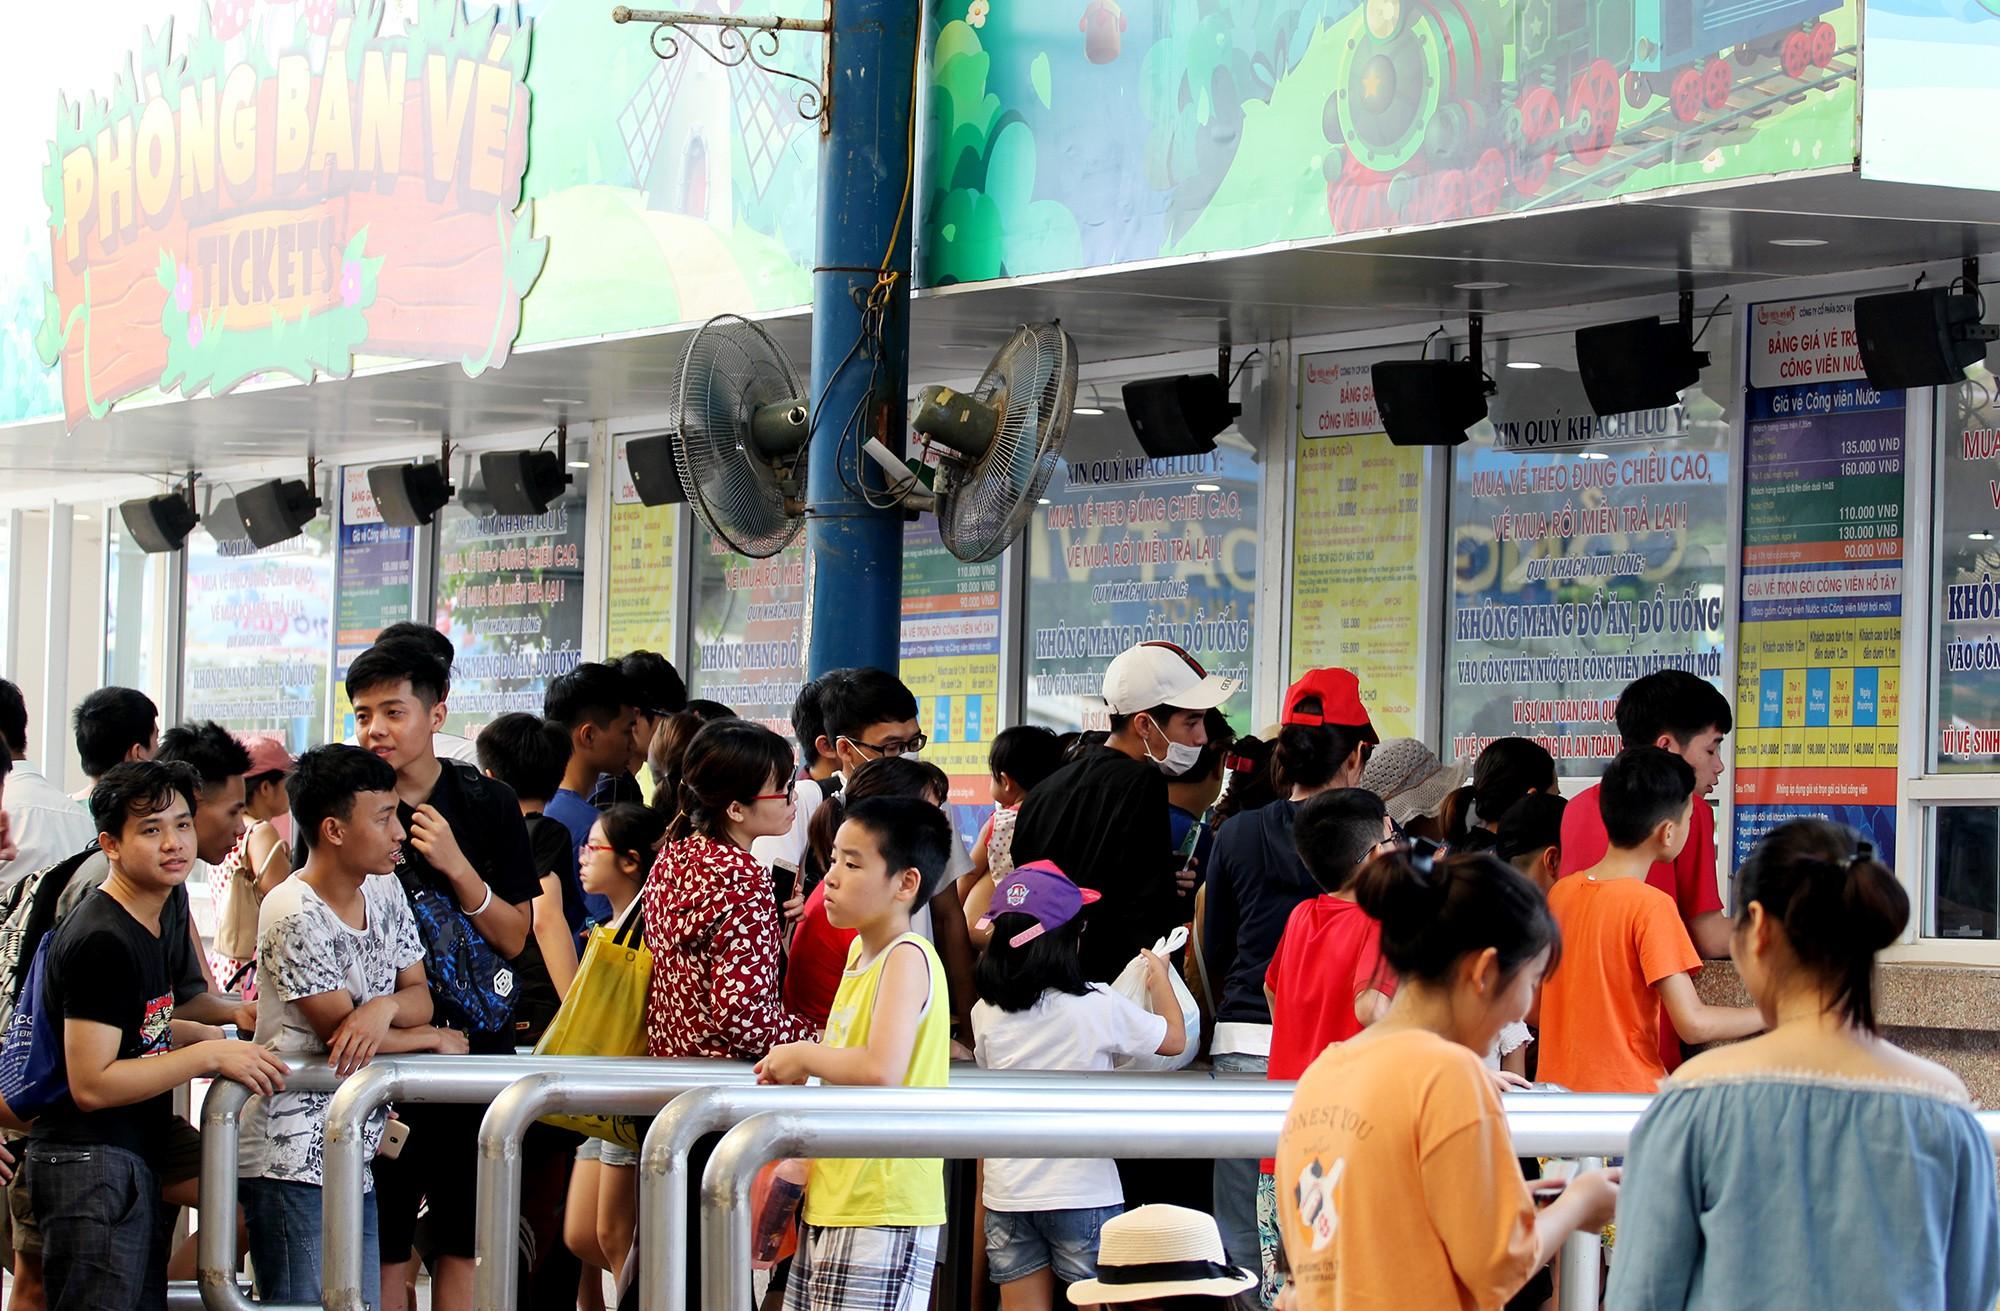 Hà Nội: Gần 1 vạn người đổ về công viên Hồ Tây ngày cuối tuần - Ảnh 1.